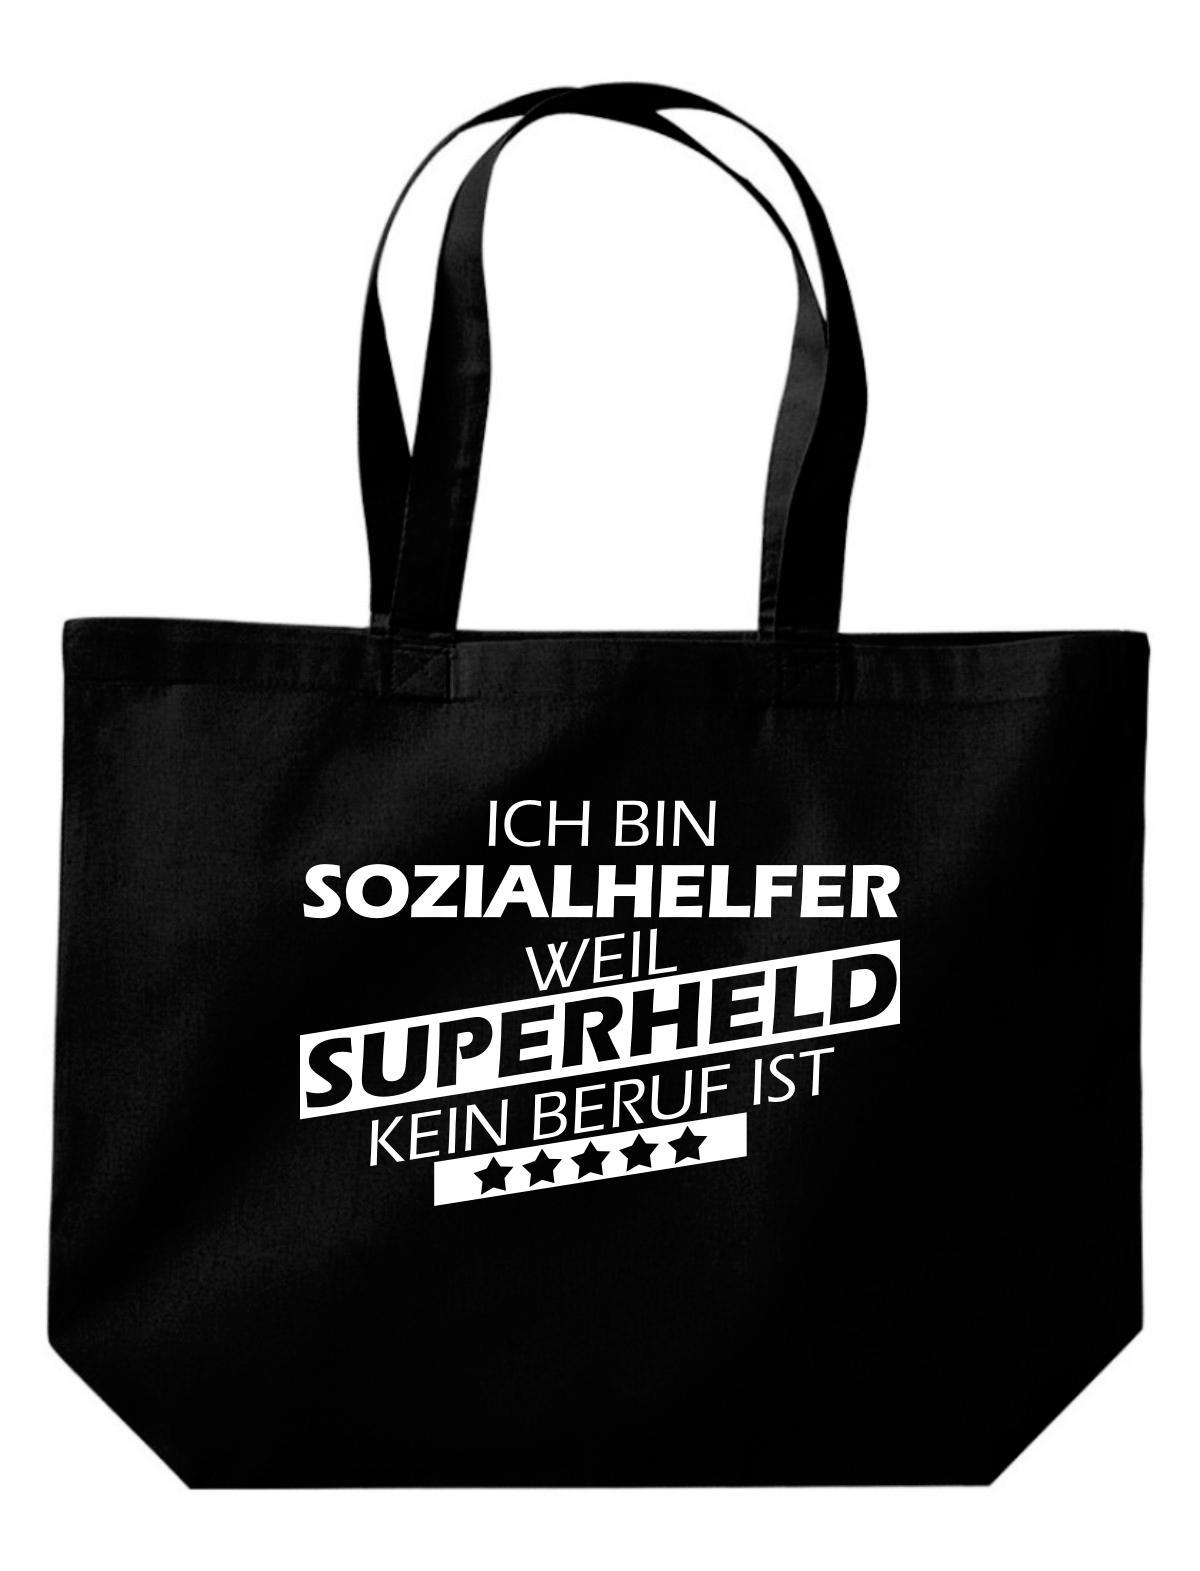 große Einkaufstasche, Ich bin Sozialhelfer, weil Superheld kein Beruf ist,